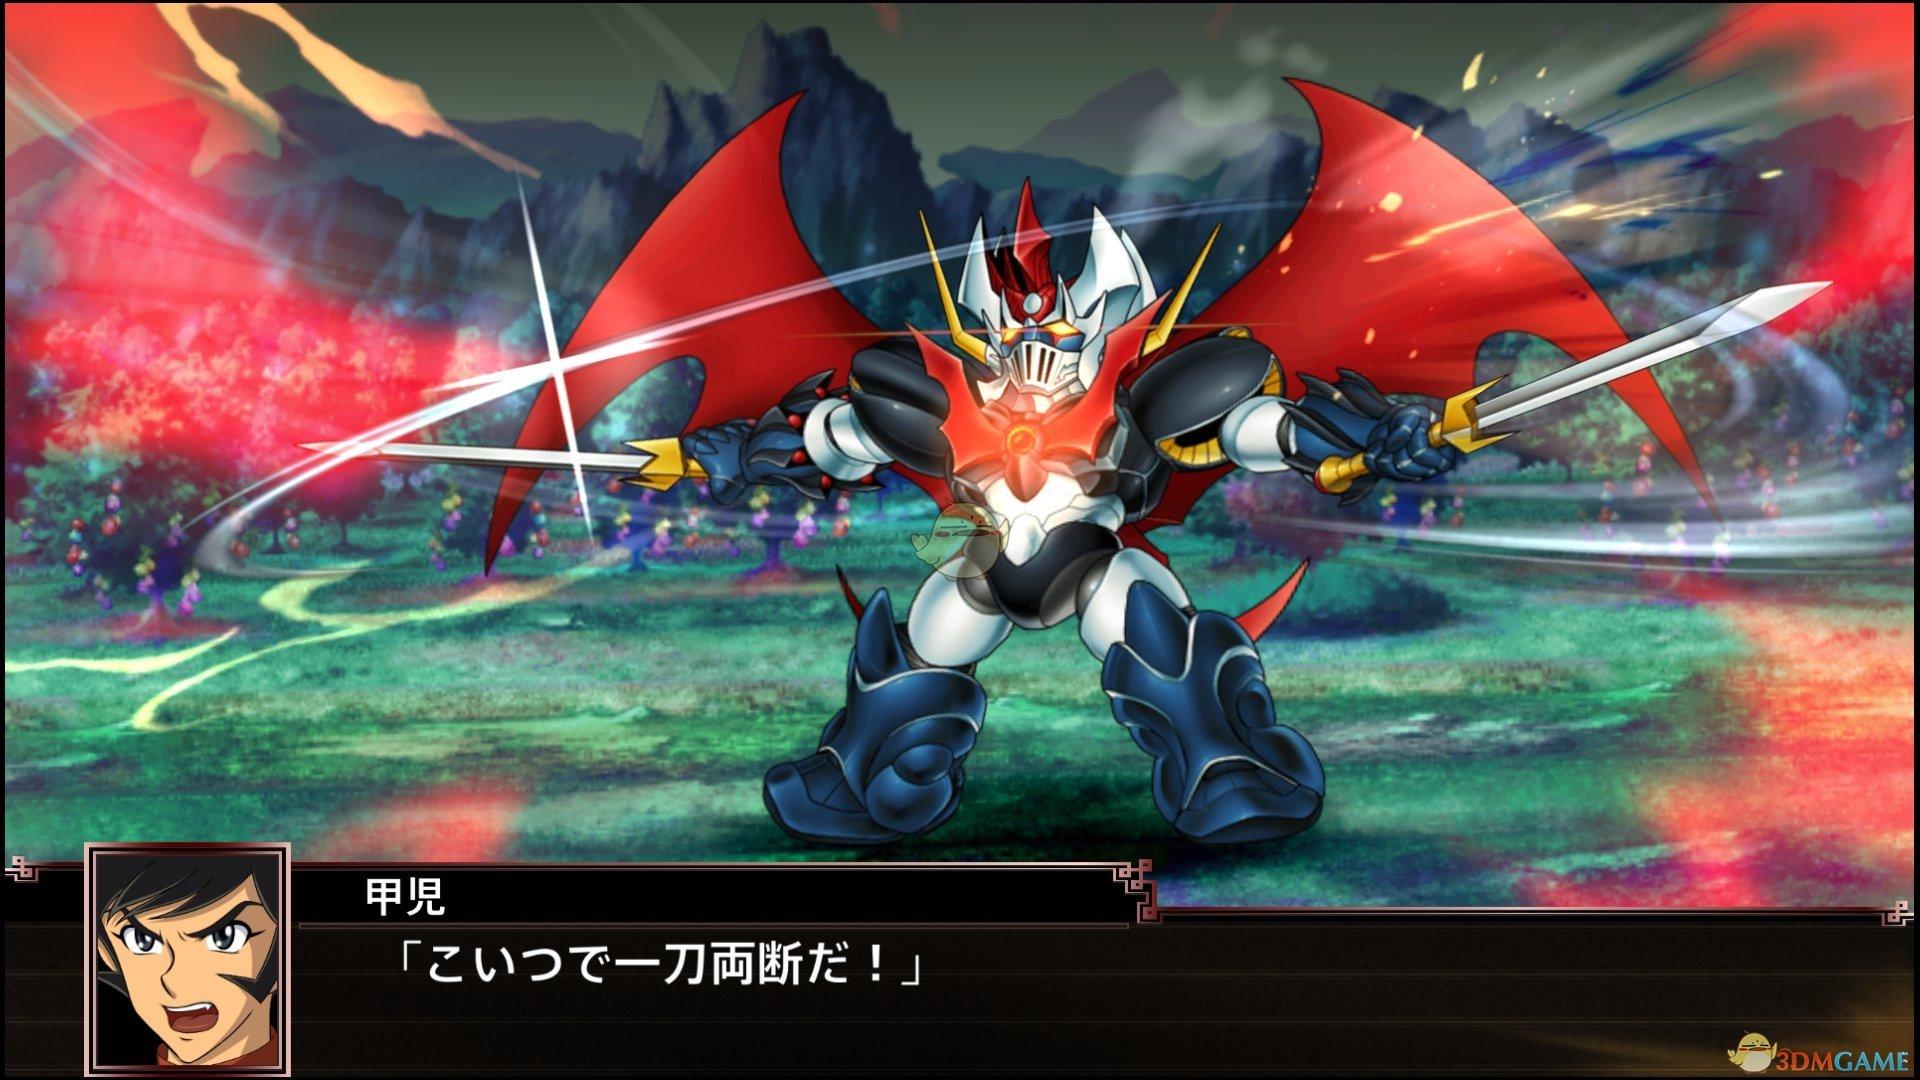 《超级机器人大战X》比尔拜因最强武器灵光射击获得方法分享